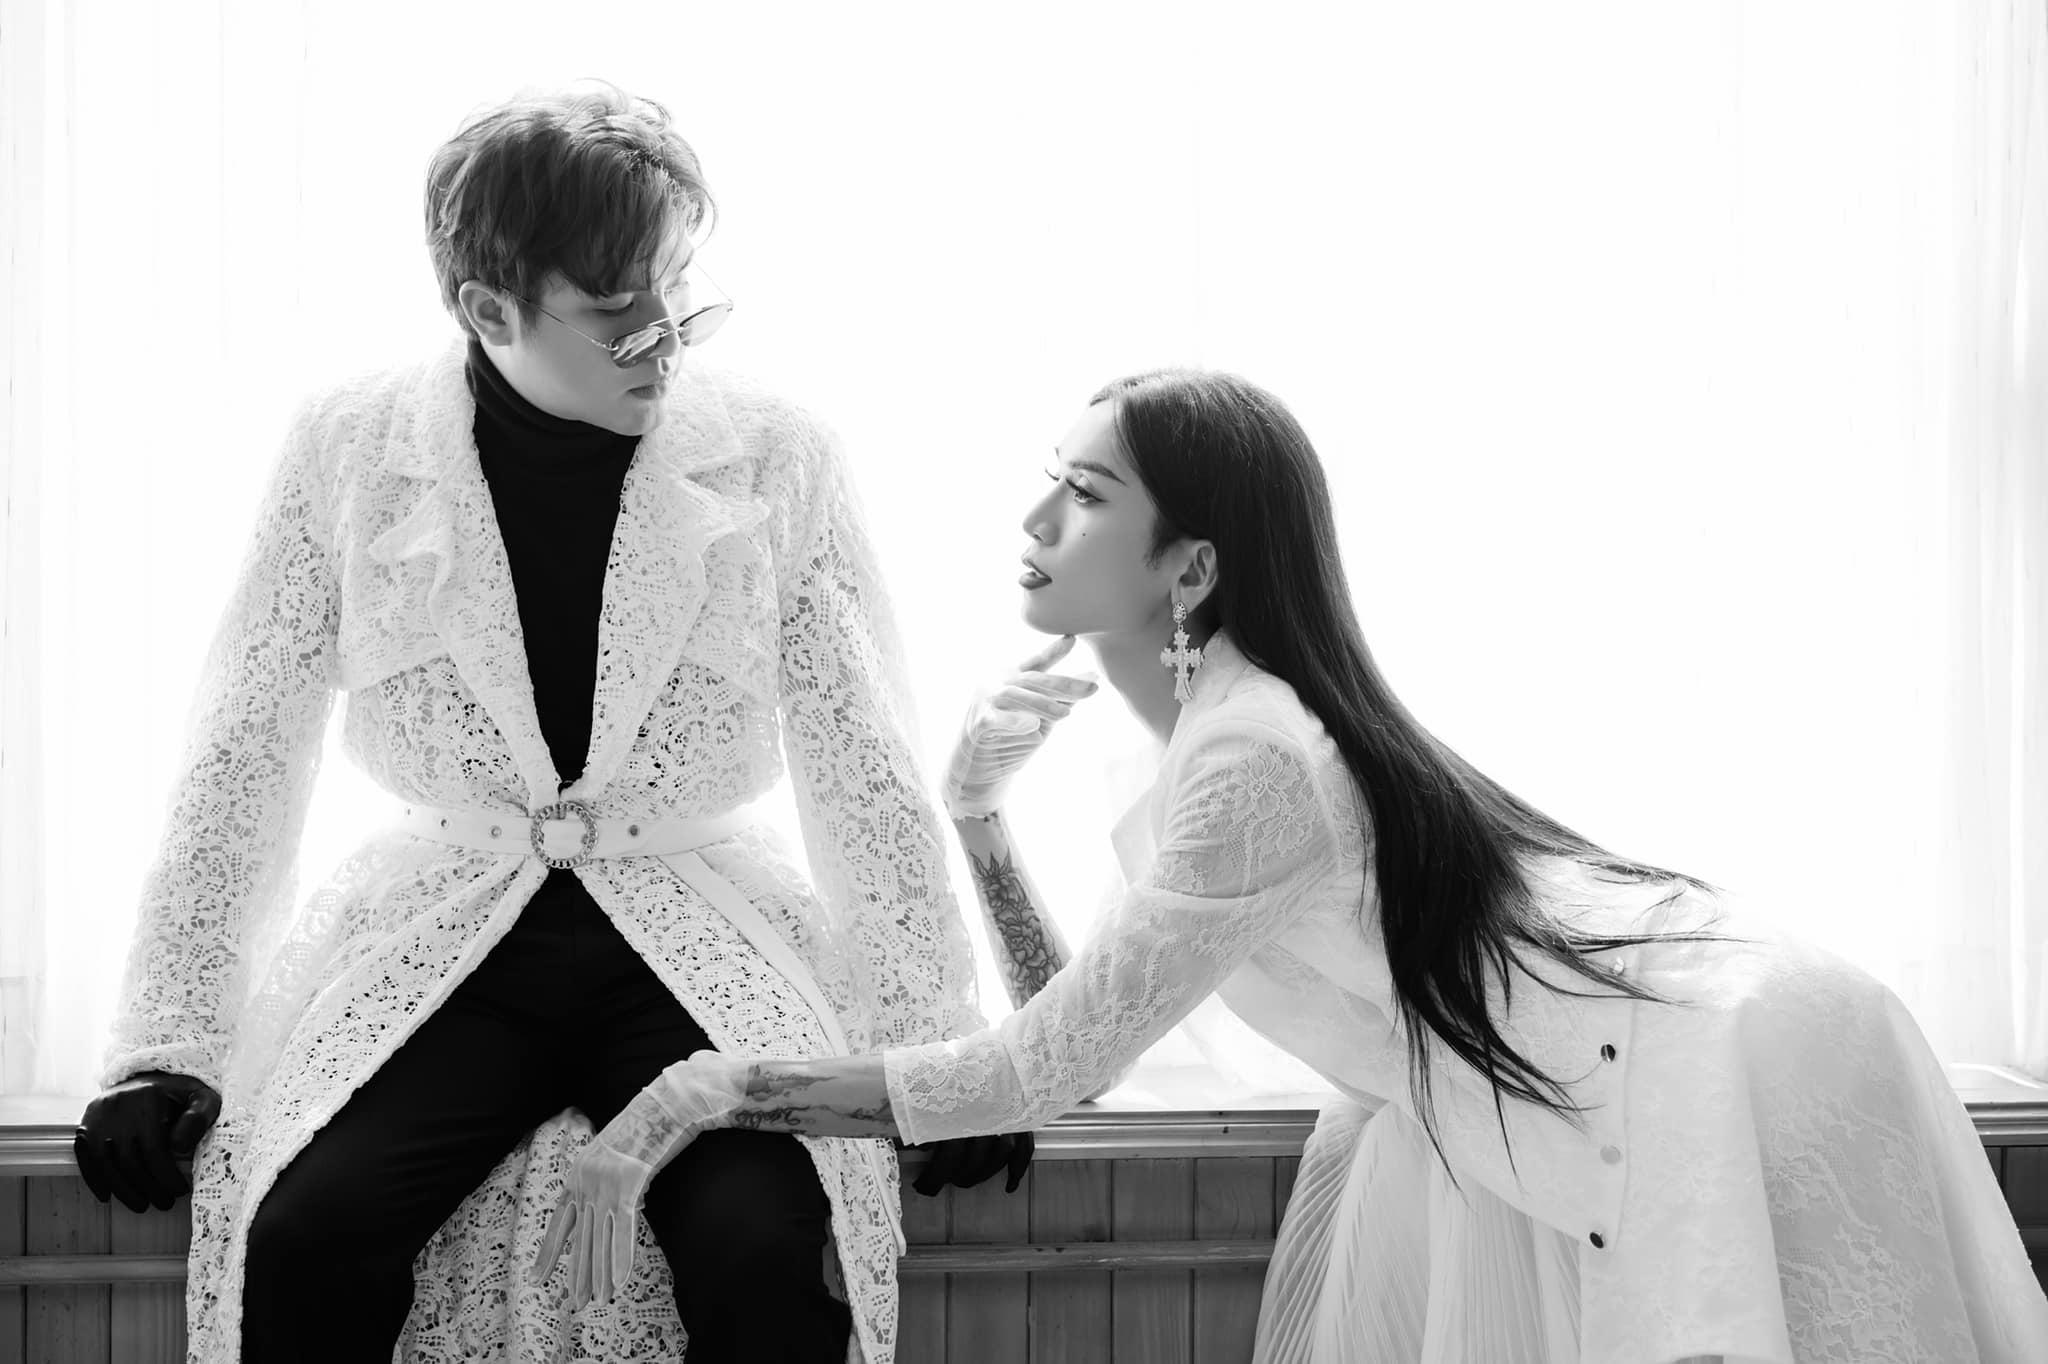 BB Trần và bạn trai hóa cô dâu - chú rể trong bộ ảnh kỷ niệm 4 năm 6 tháng yêu nhau